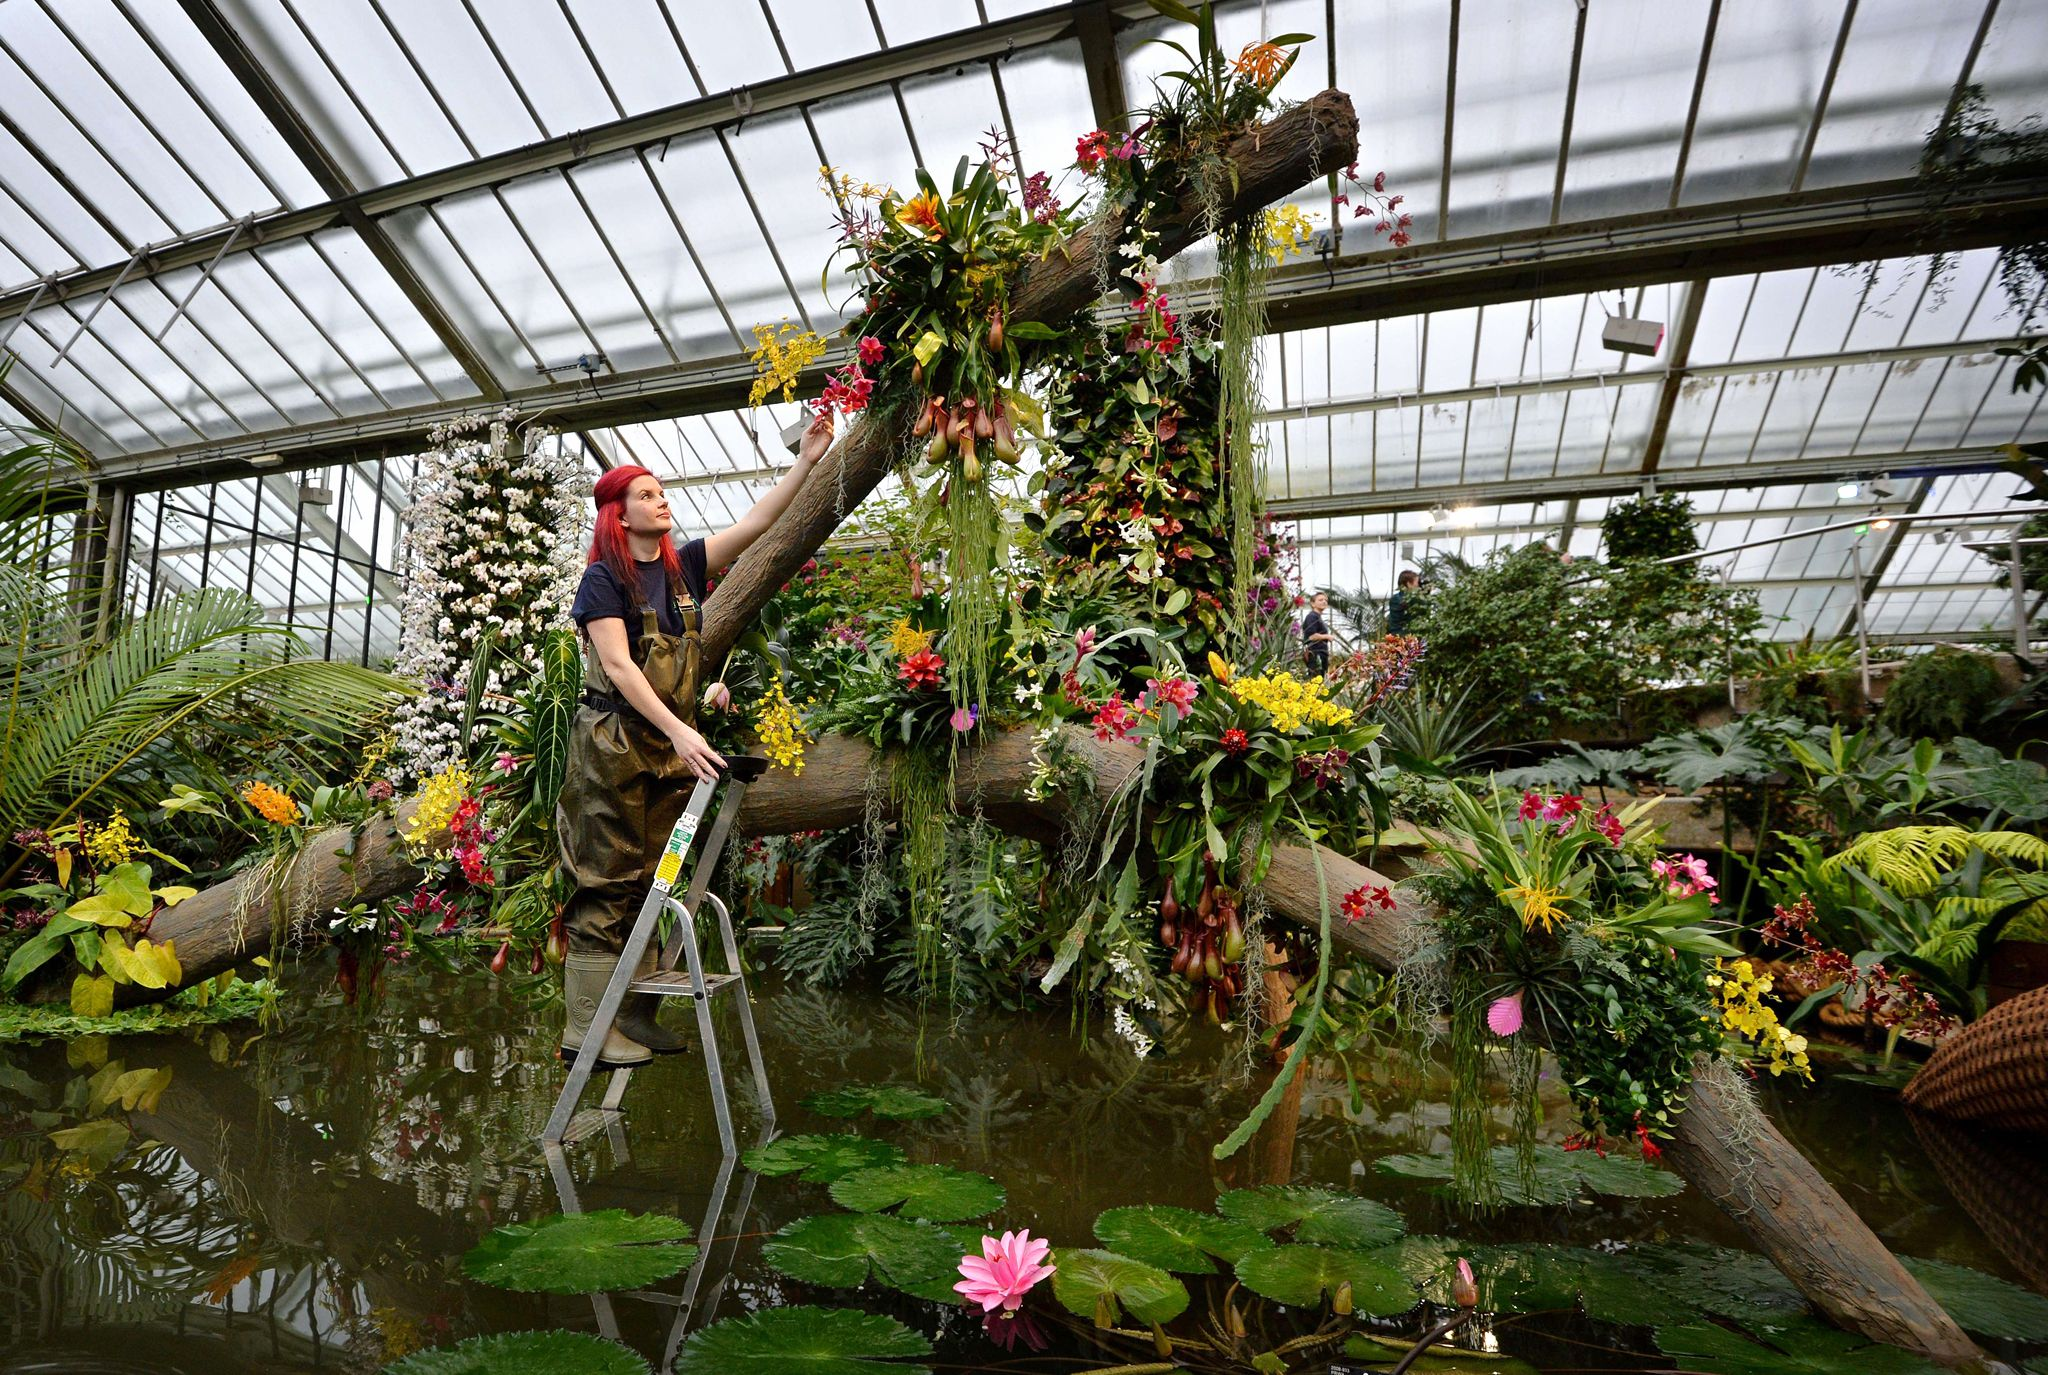 Оранжерея в косино купить цветы, ростов великий яндекс